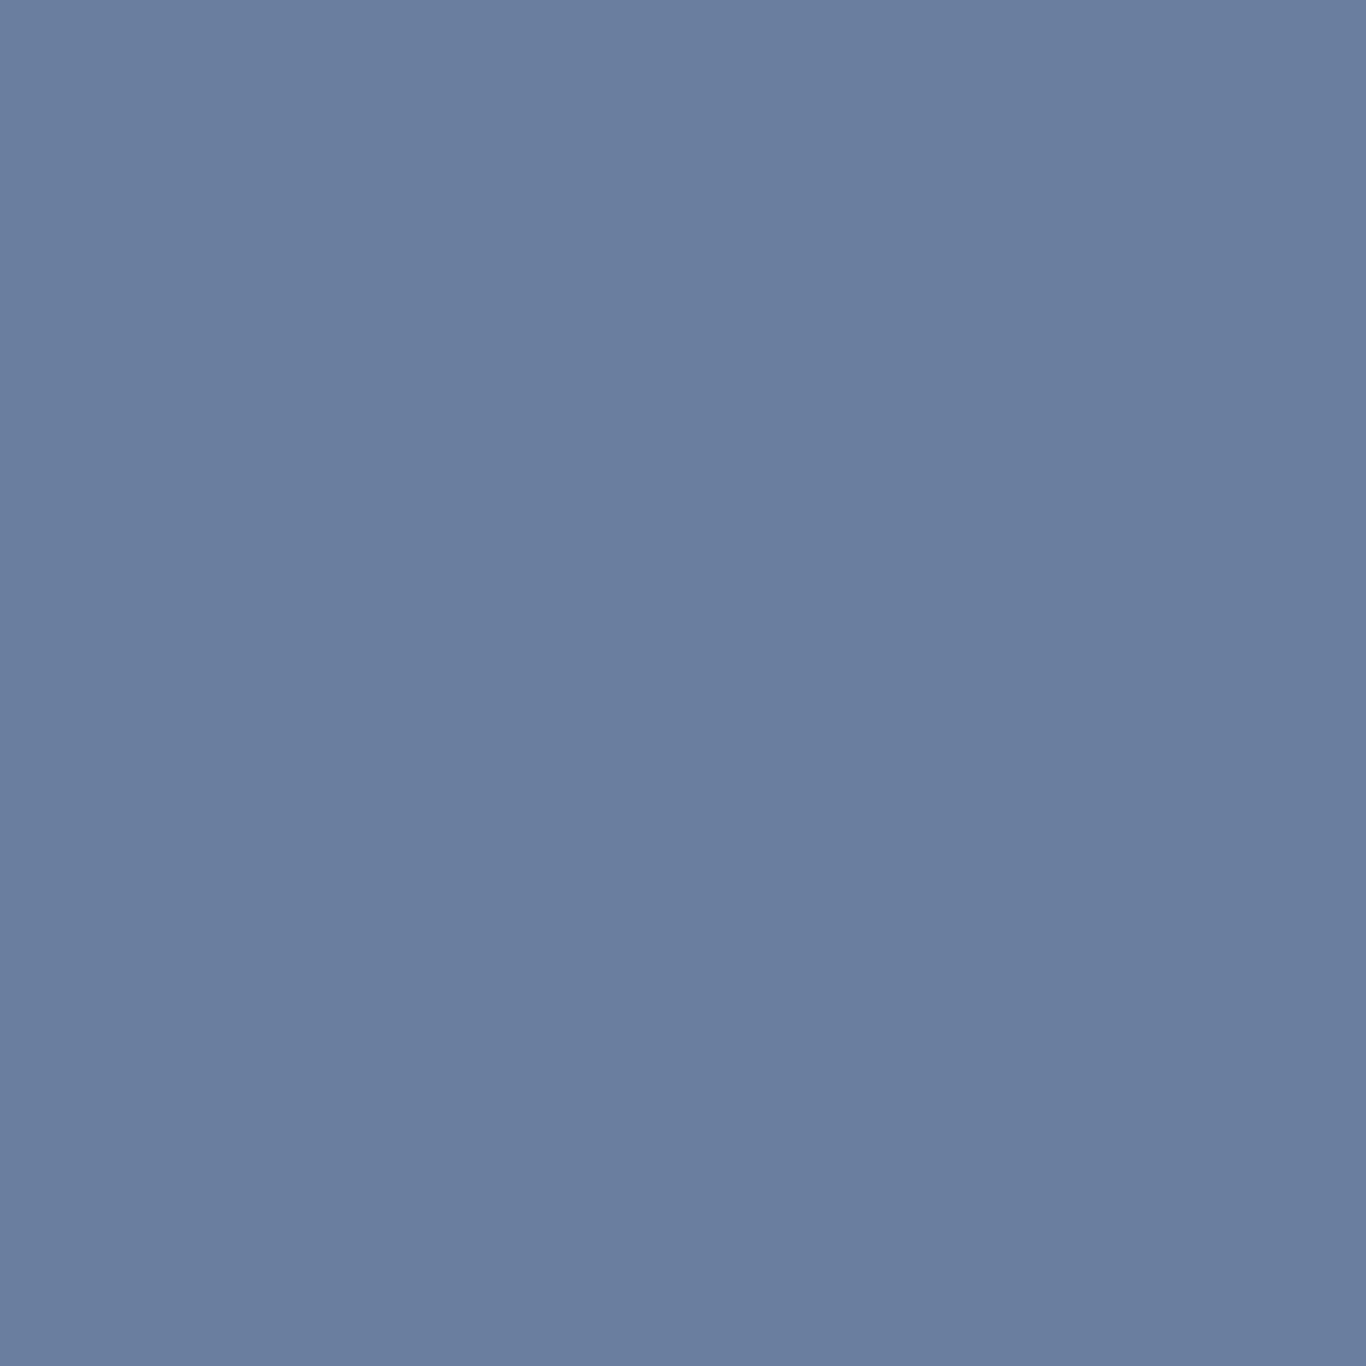 Sanderson Paint Cadet Blue